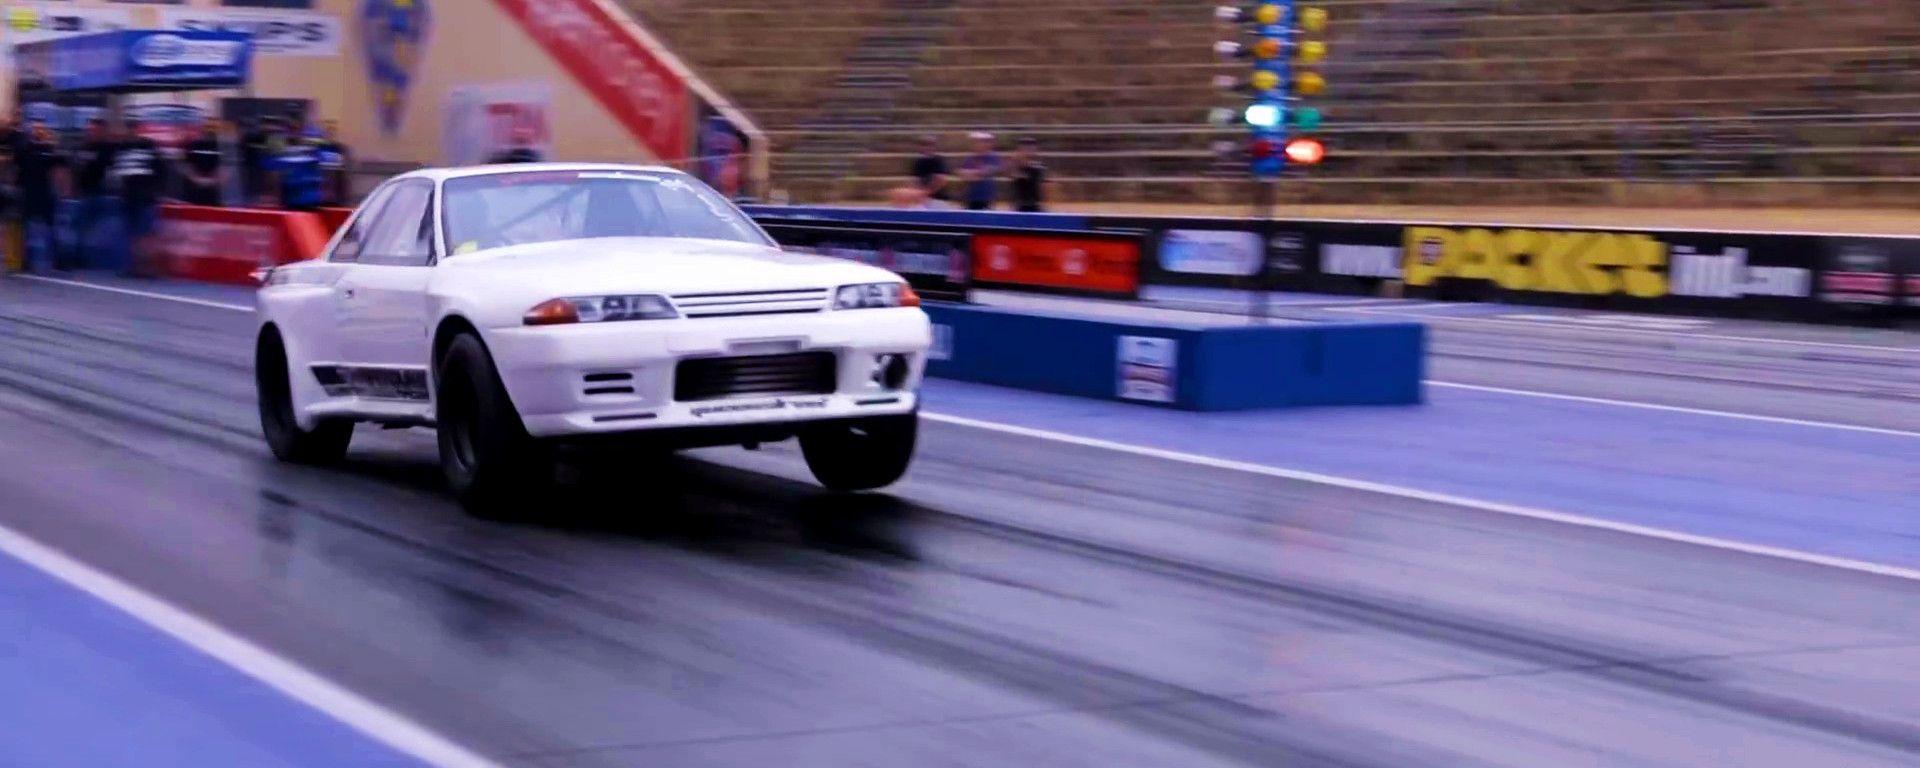 Nissan Skyline GT-R Metro (R32): suo il record sul quarto di miglio